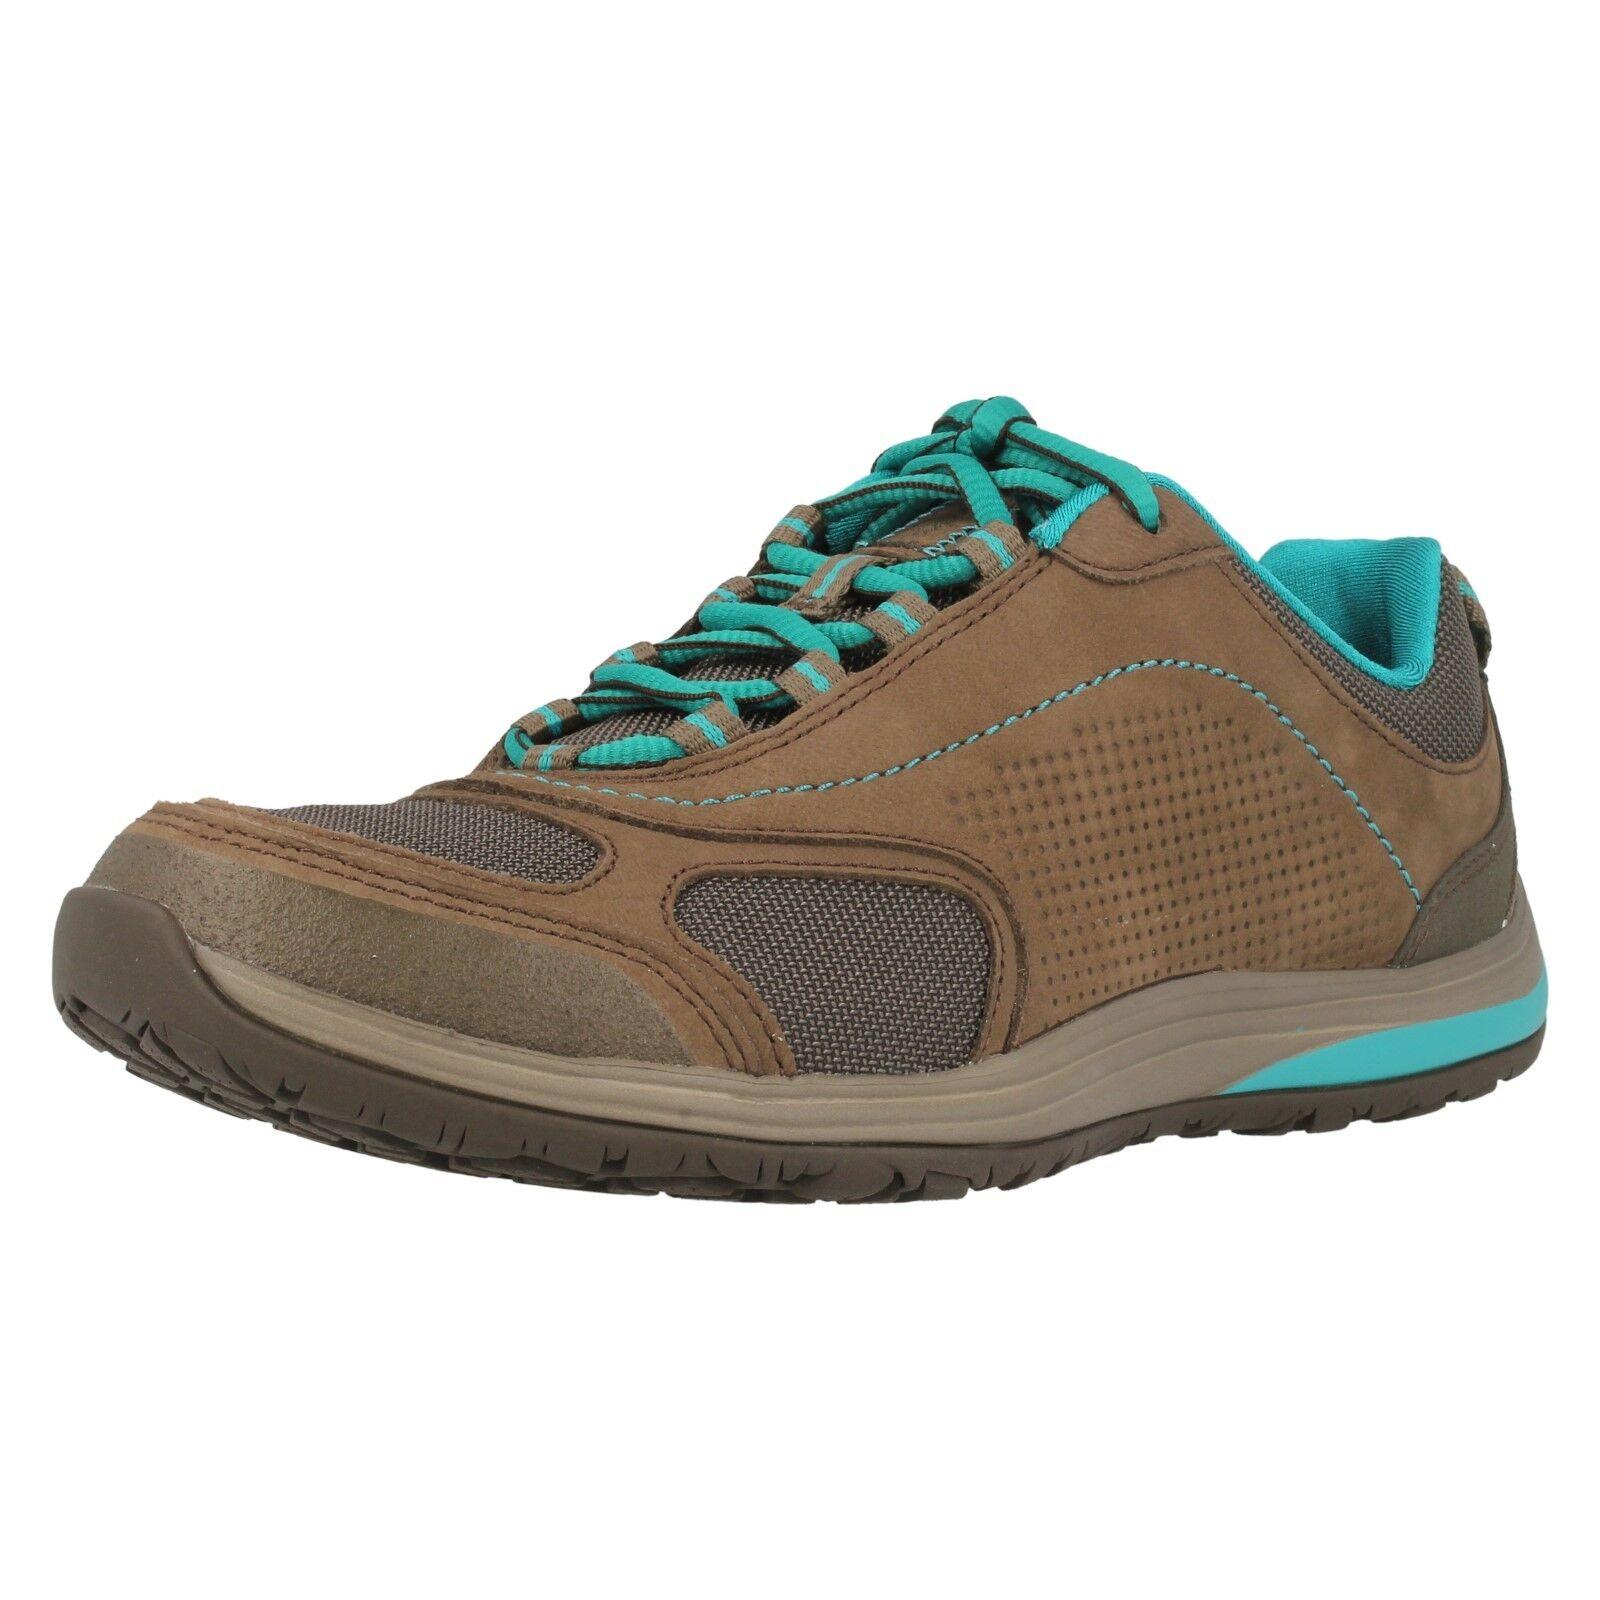 Onorevoli Clarks Route INSET Marronee in Cuoio Nubuck Casual scarpe Trainer D Width Fitting | 2019 Nuovo  | Scolaro/Signora Scarpa